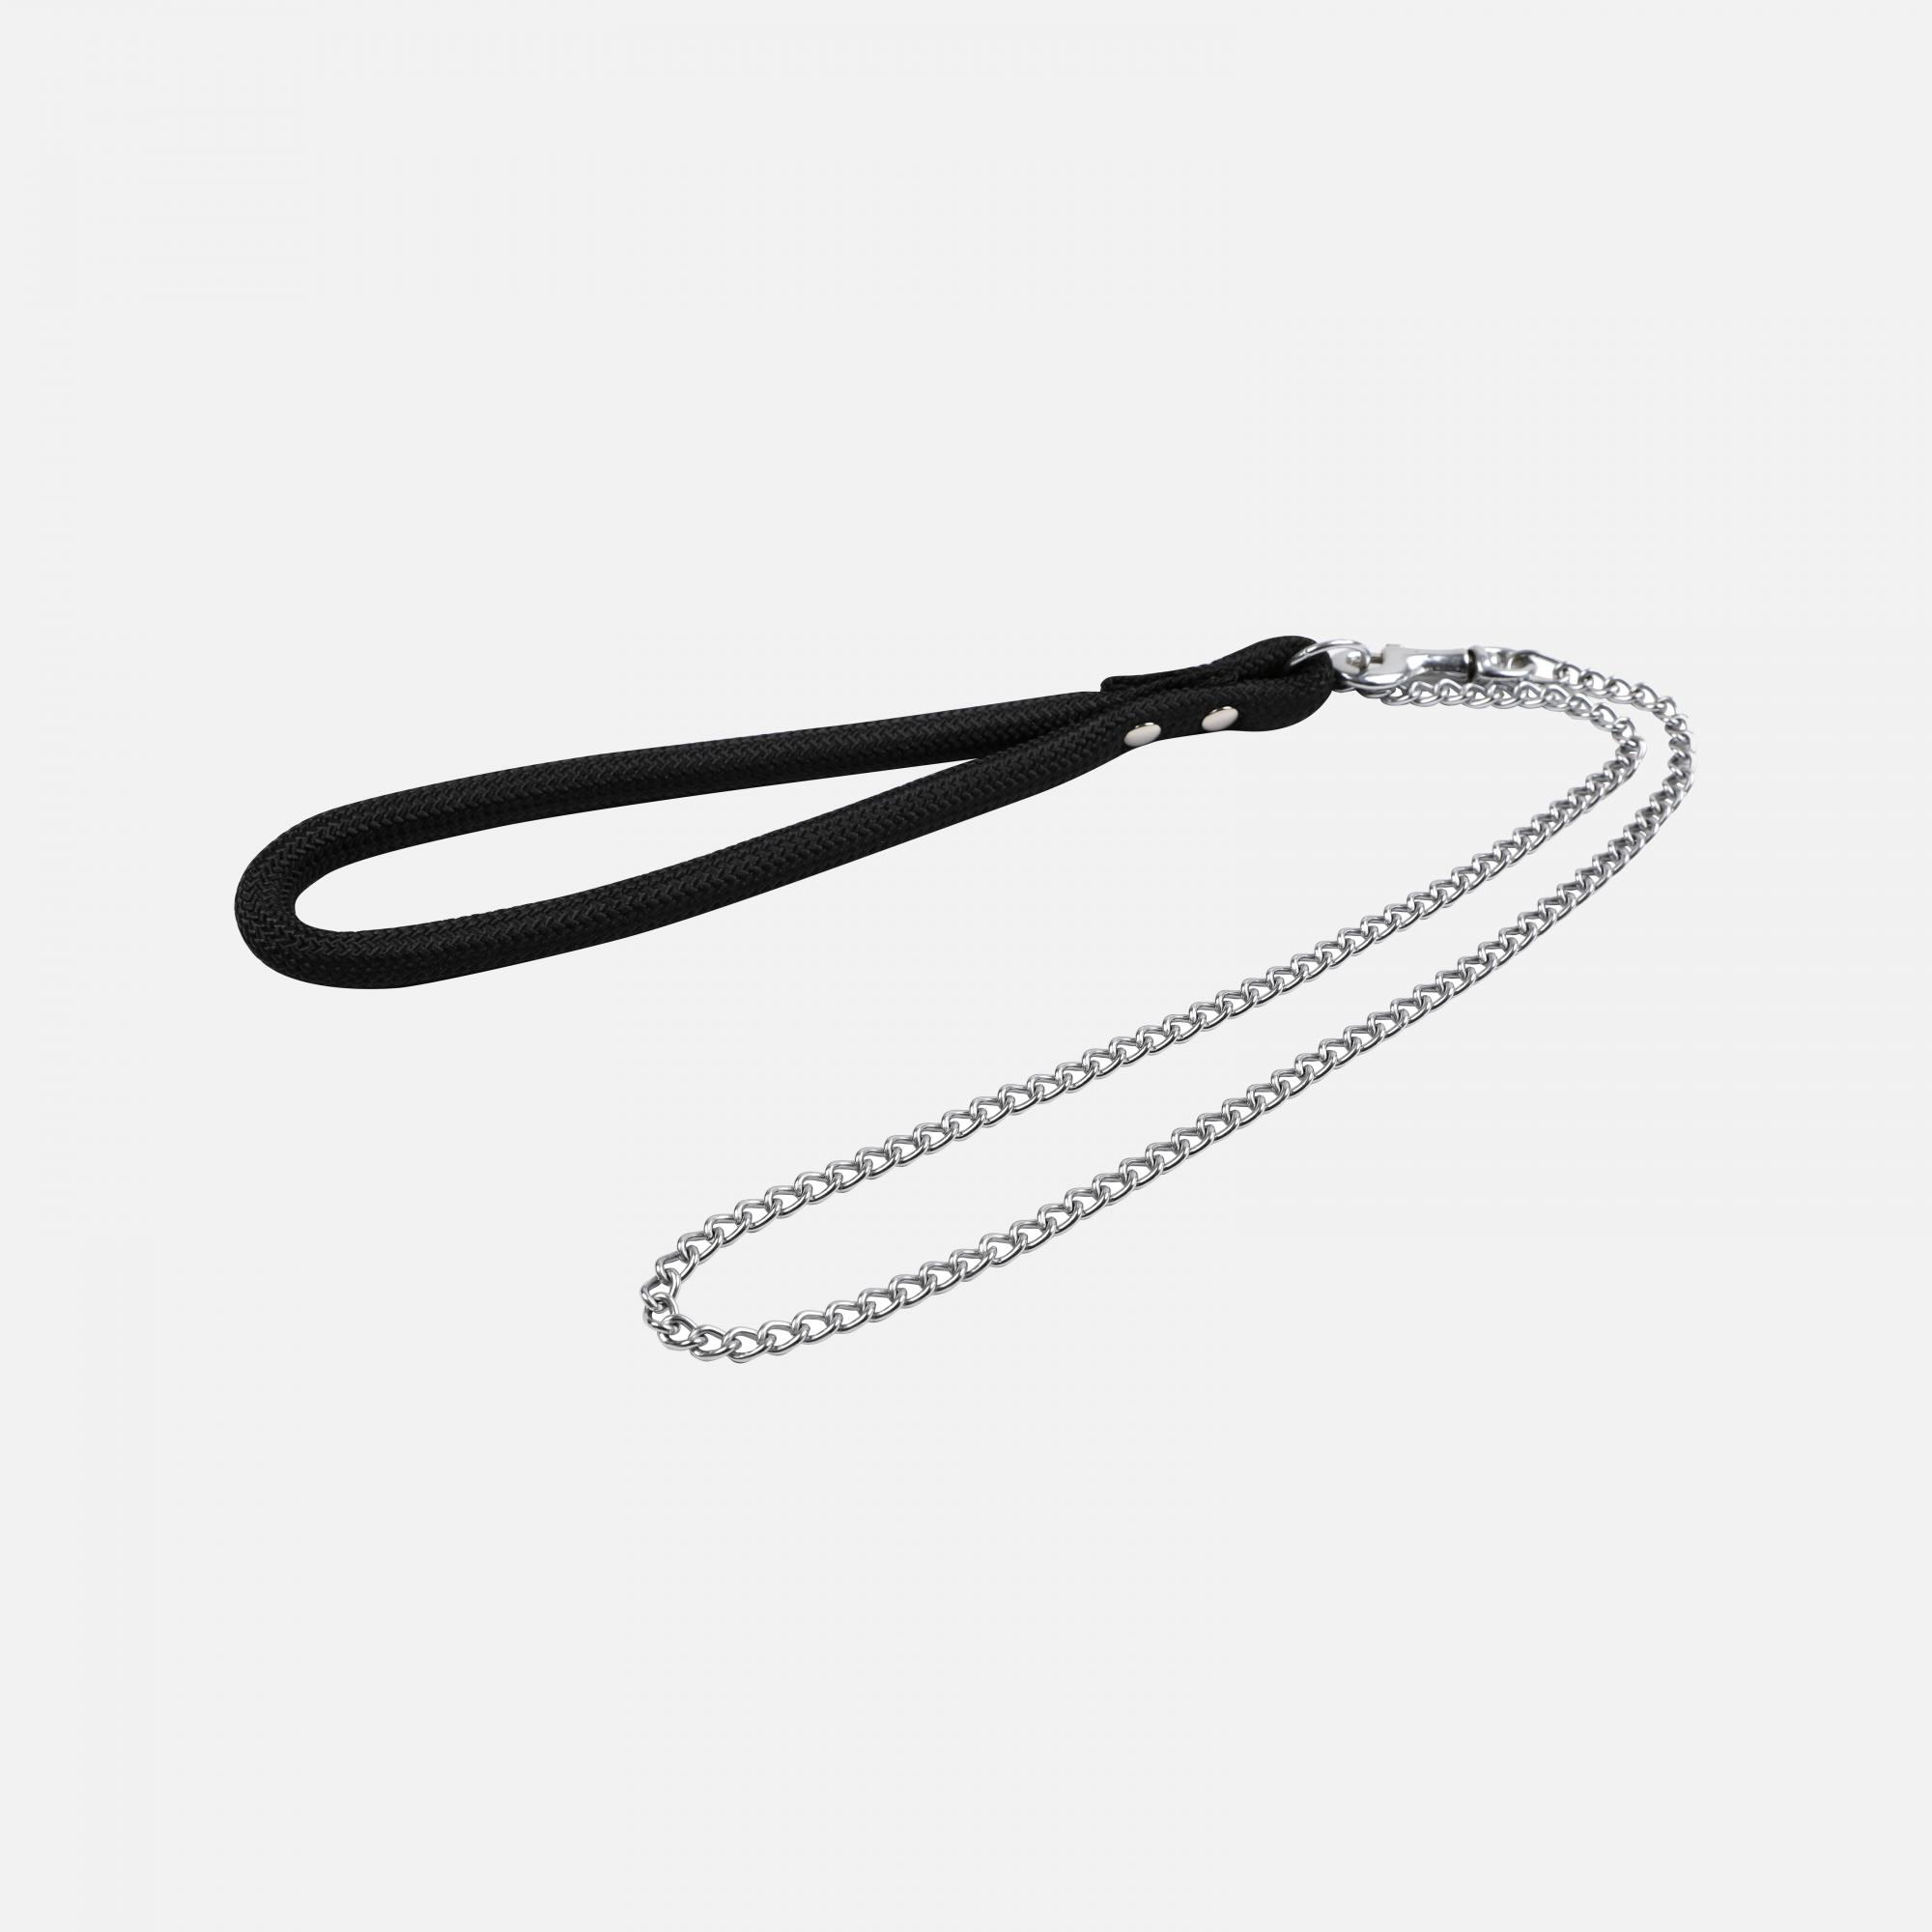 Laisse métal moyenne corde forte Noir par Wouapy